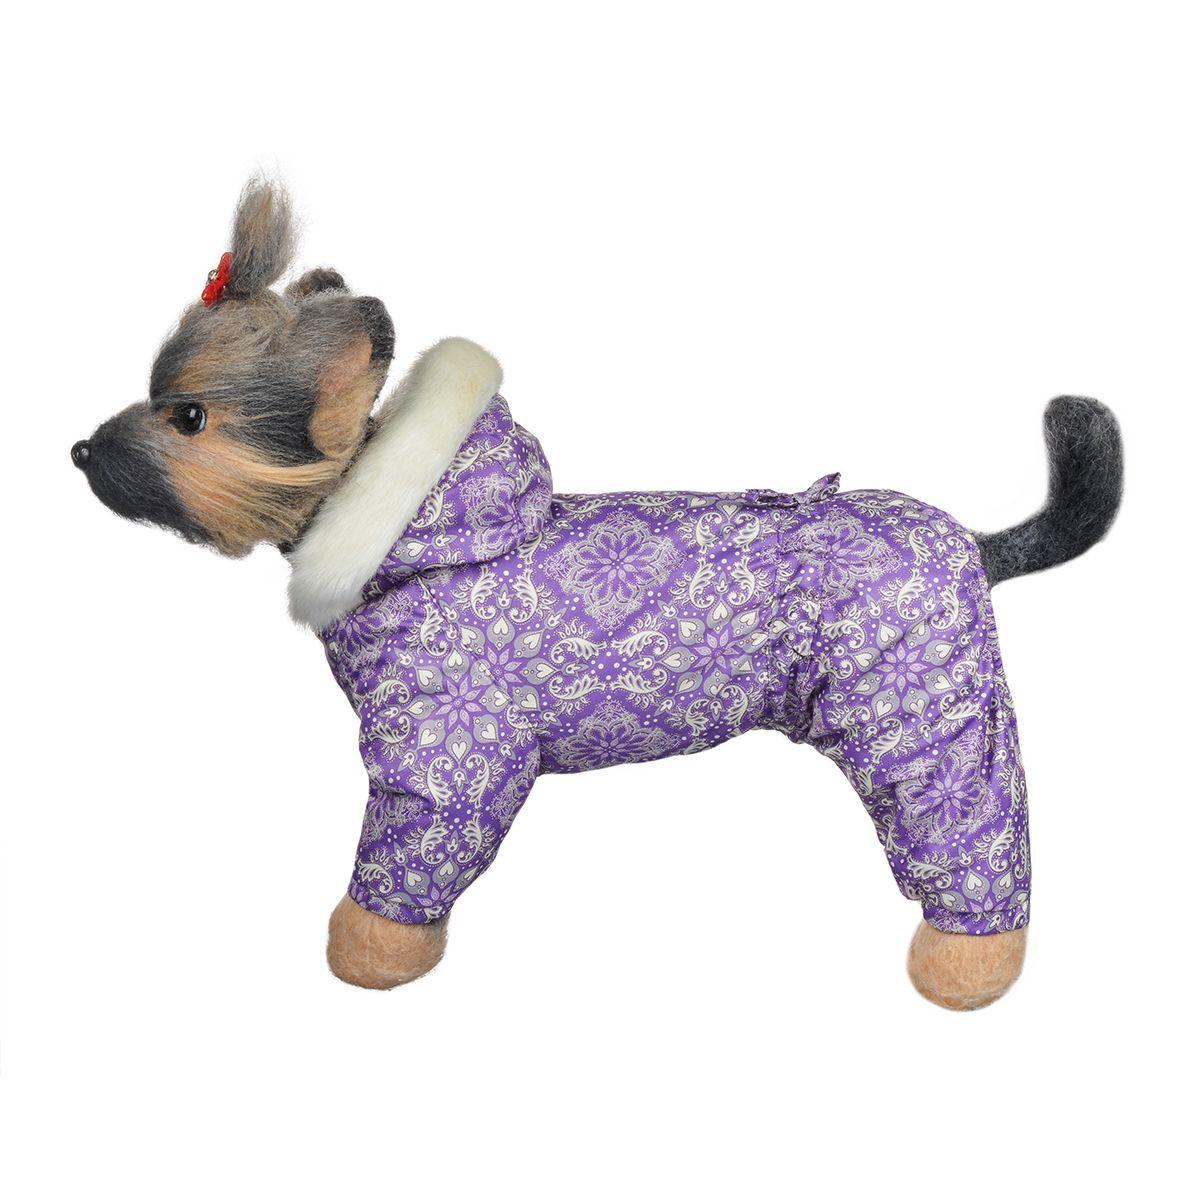 Комбинезон для собак Dogmoda Winter, зимний, для девочки, цвет: фиолетовый, белый, серый. Размер 2 (M)0120710Зимний комбинезон для собак Dogmoda Winter отлично подойдет для прогулок в зимнее время года.Комбинезон изготовлен из полиэстера, защищающего от ветра и снега, с утеплителем из синтепона, который сохранит тепло даже в сильные морозы, а на подкладке используется искусственный мех, который обеспечивает отличный воздухообмен. Комбинезон с капюшоном застегивается на кнопки, благодаря чему его легко надевать и снимать. Капюшон украшен искусственным мехом и не отстегивается. Низ рукавов и брючин оснащен внутренними резинками, которые мягко обхватывают лапки, не позволяя просачиваться холодному воздуху. На пояснице комбинезон затягивается на шнурок-кулиску.Благодаря такому комбинезону простуда не грозит вашему питомцу.